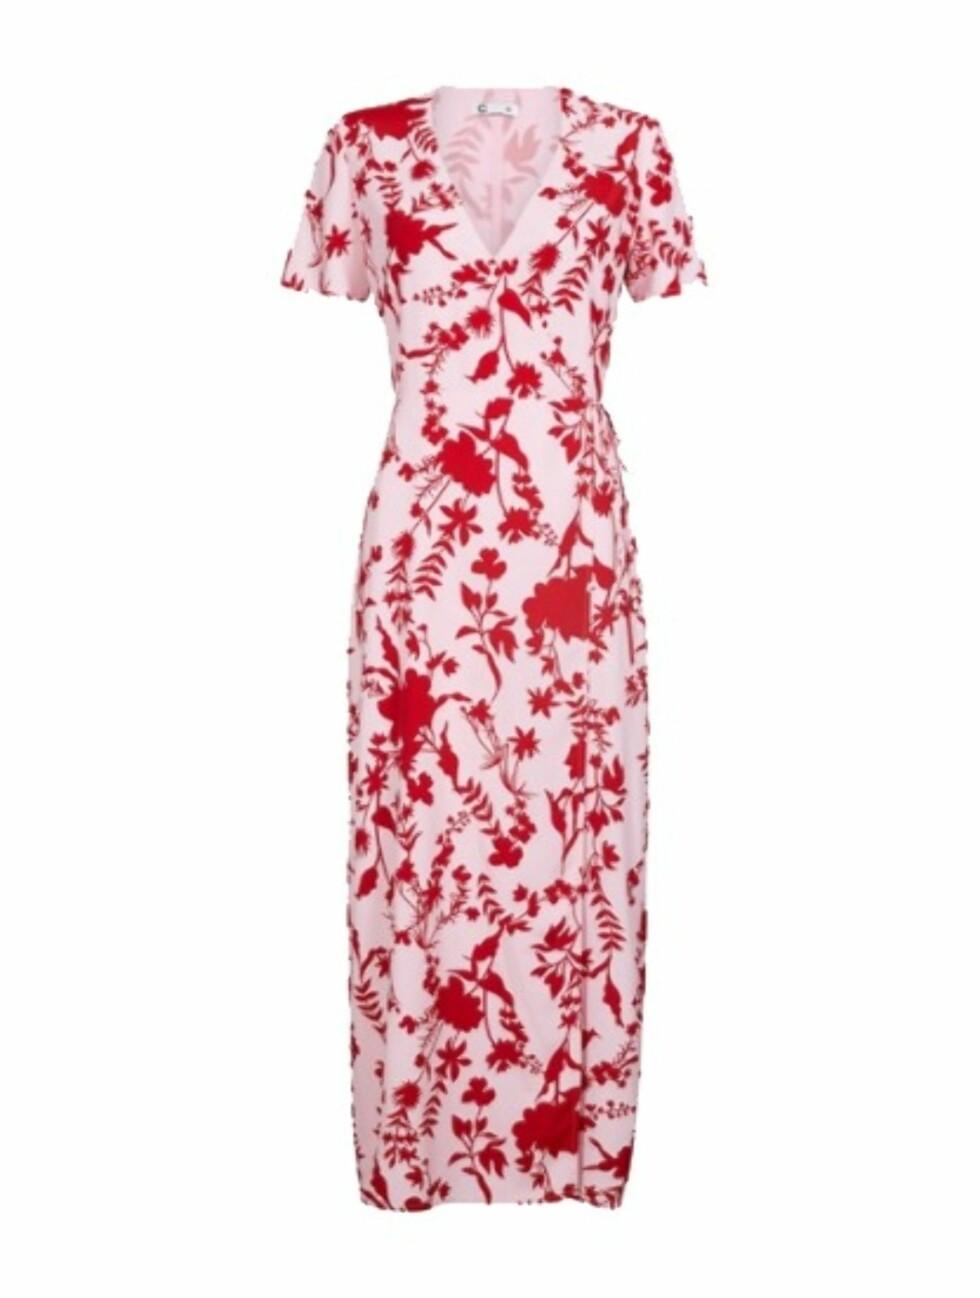 Kjole fra Cubus  399,-  https://cubus.com/no/p/dresses/kjole/7217183_F370